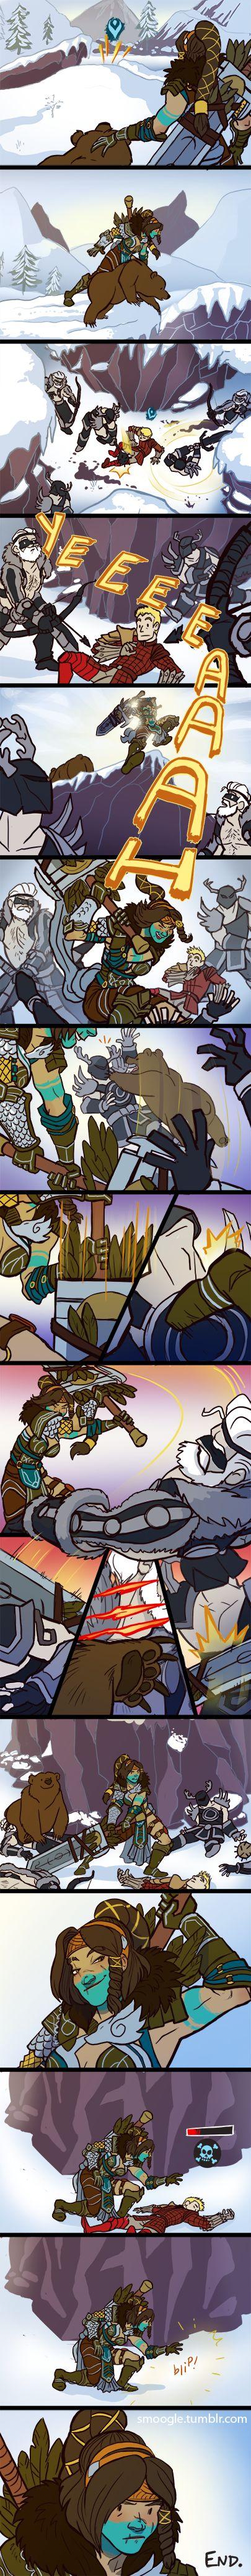 Playing Hero Comic, jajajaja me encanta xdd